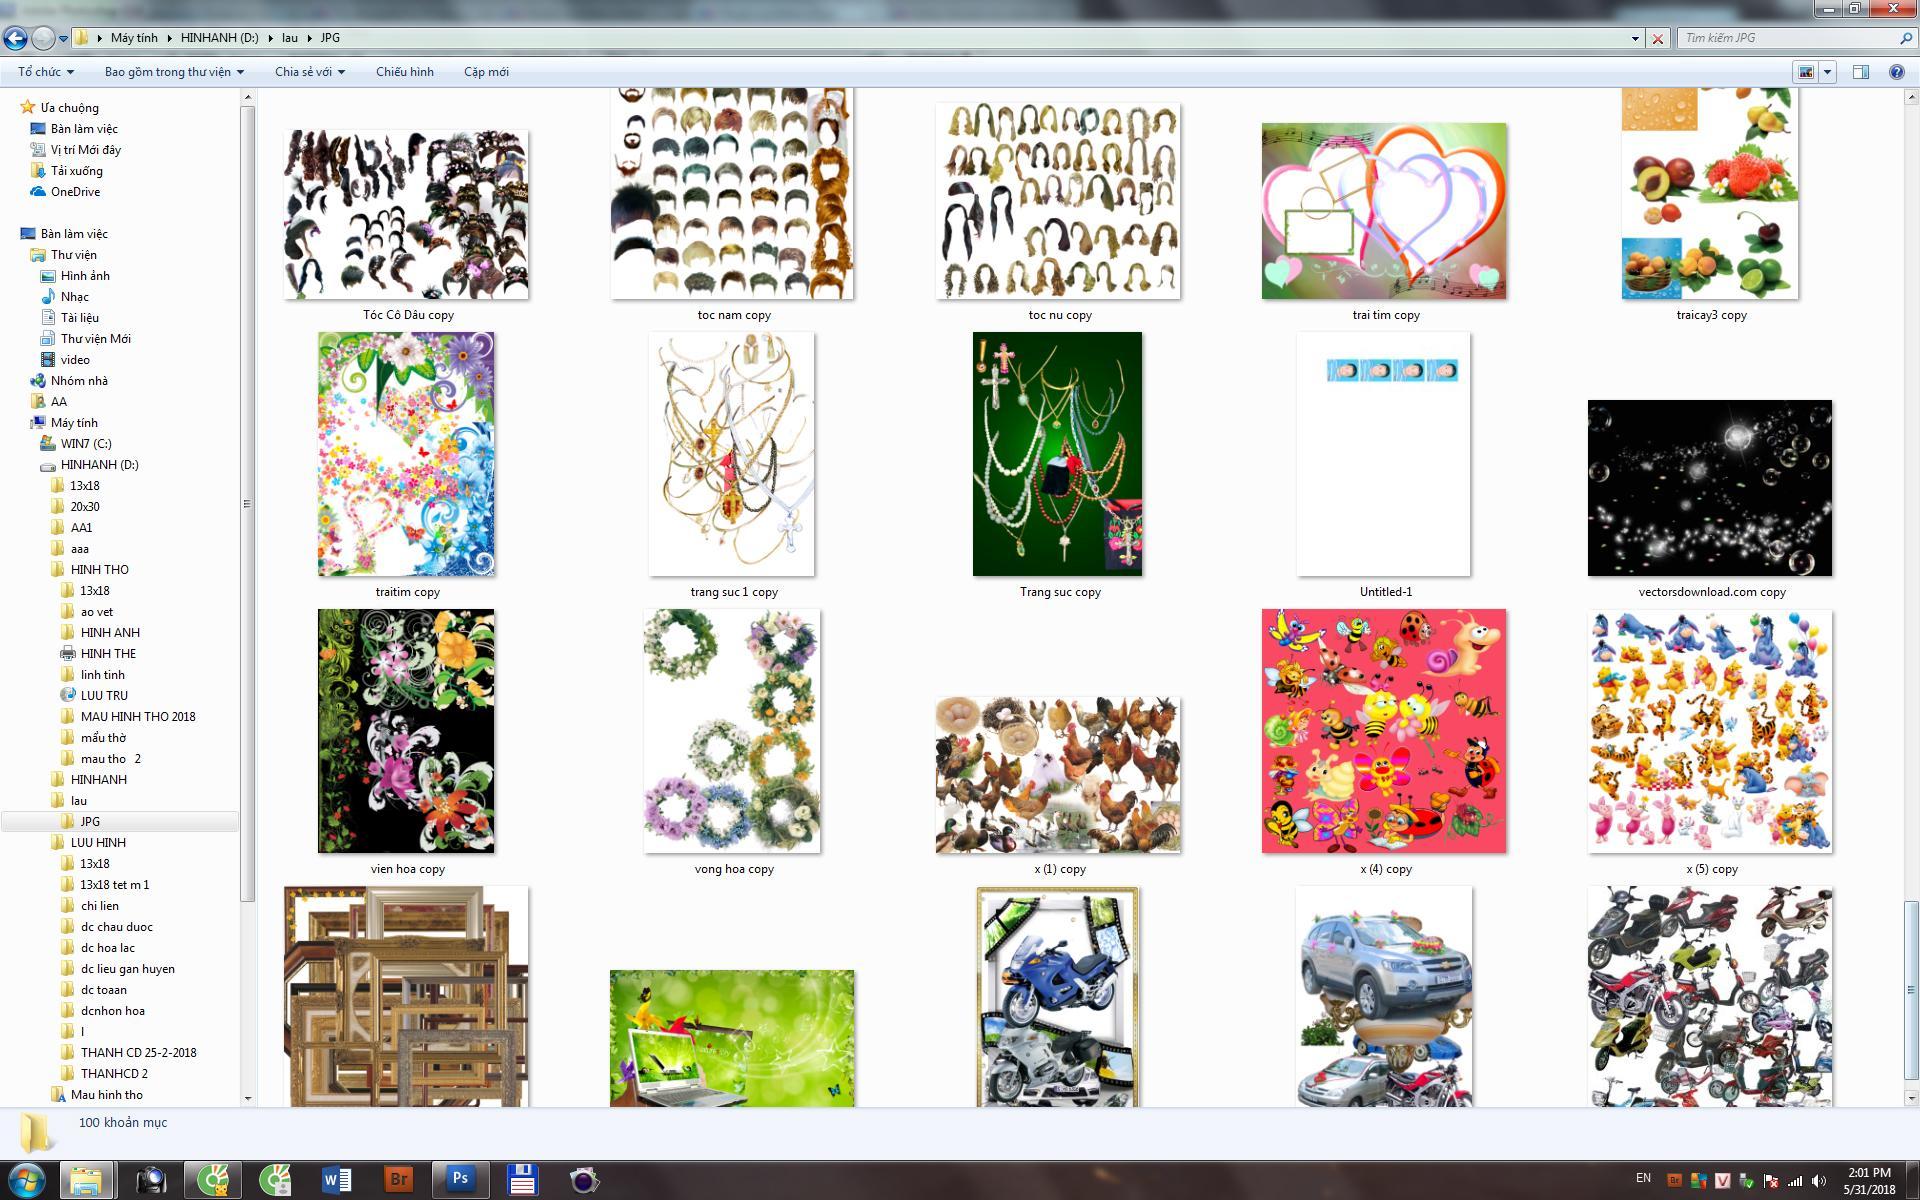 Đĩa DVD Tư liệu PSD ghép ảnh Photoshop cho ngành nhiếp ảnh Phần 1 ...